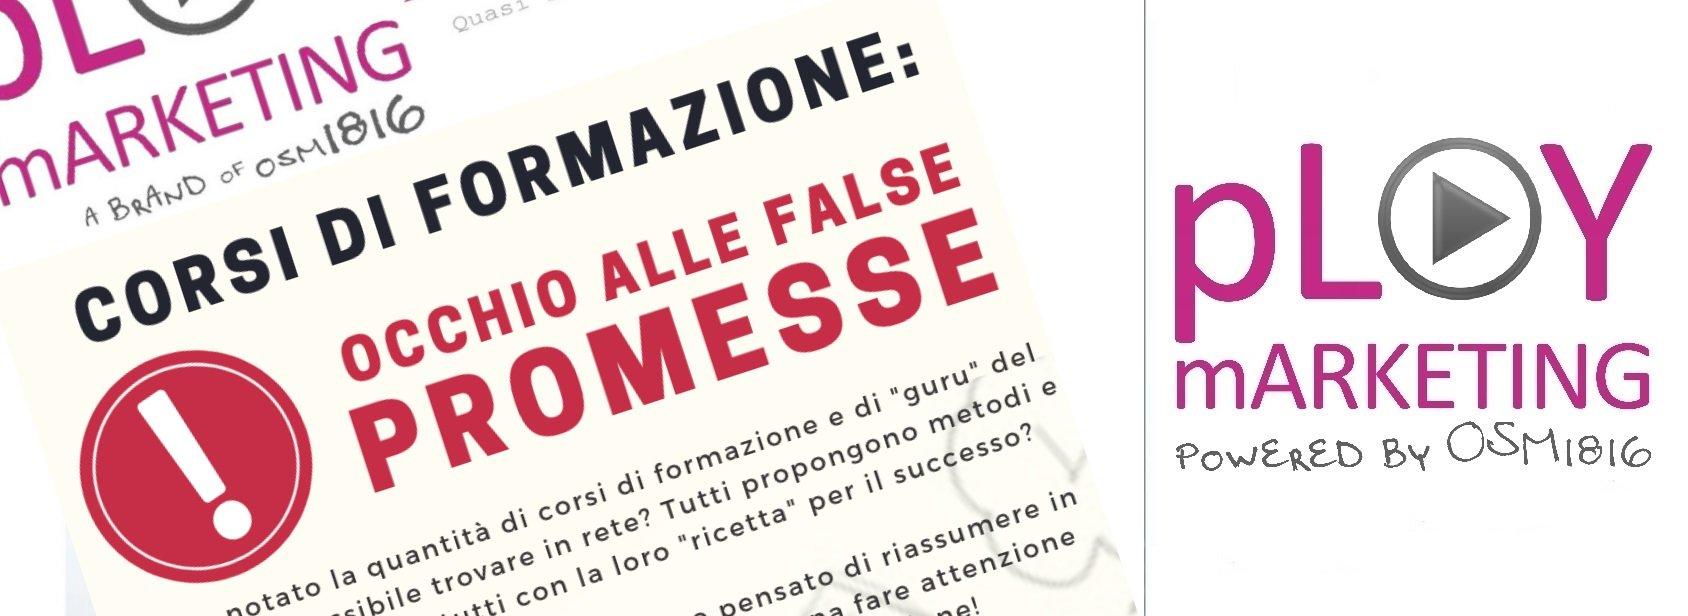 corsi di formazione: occhio alle false promesse!